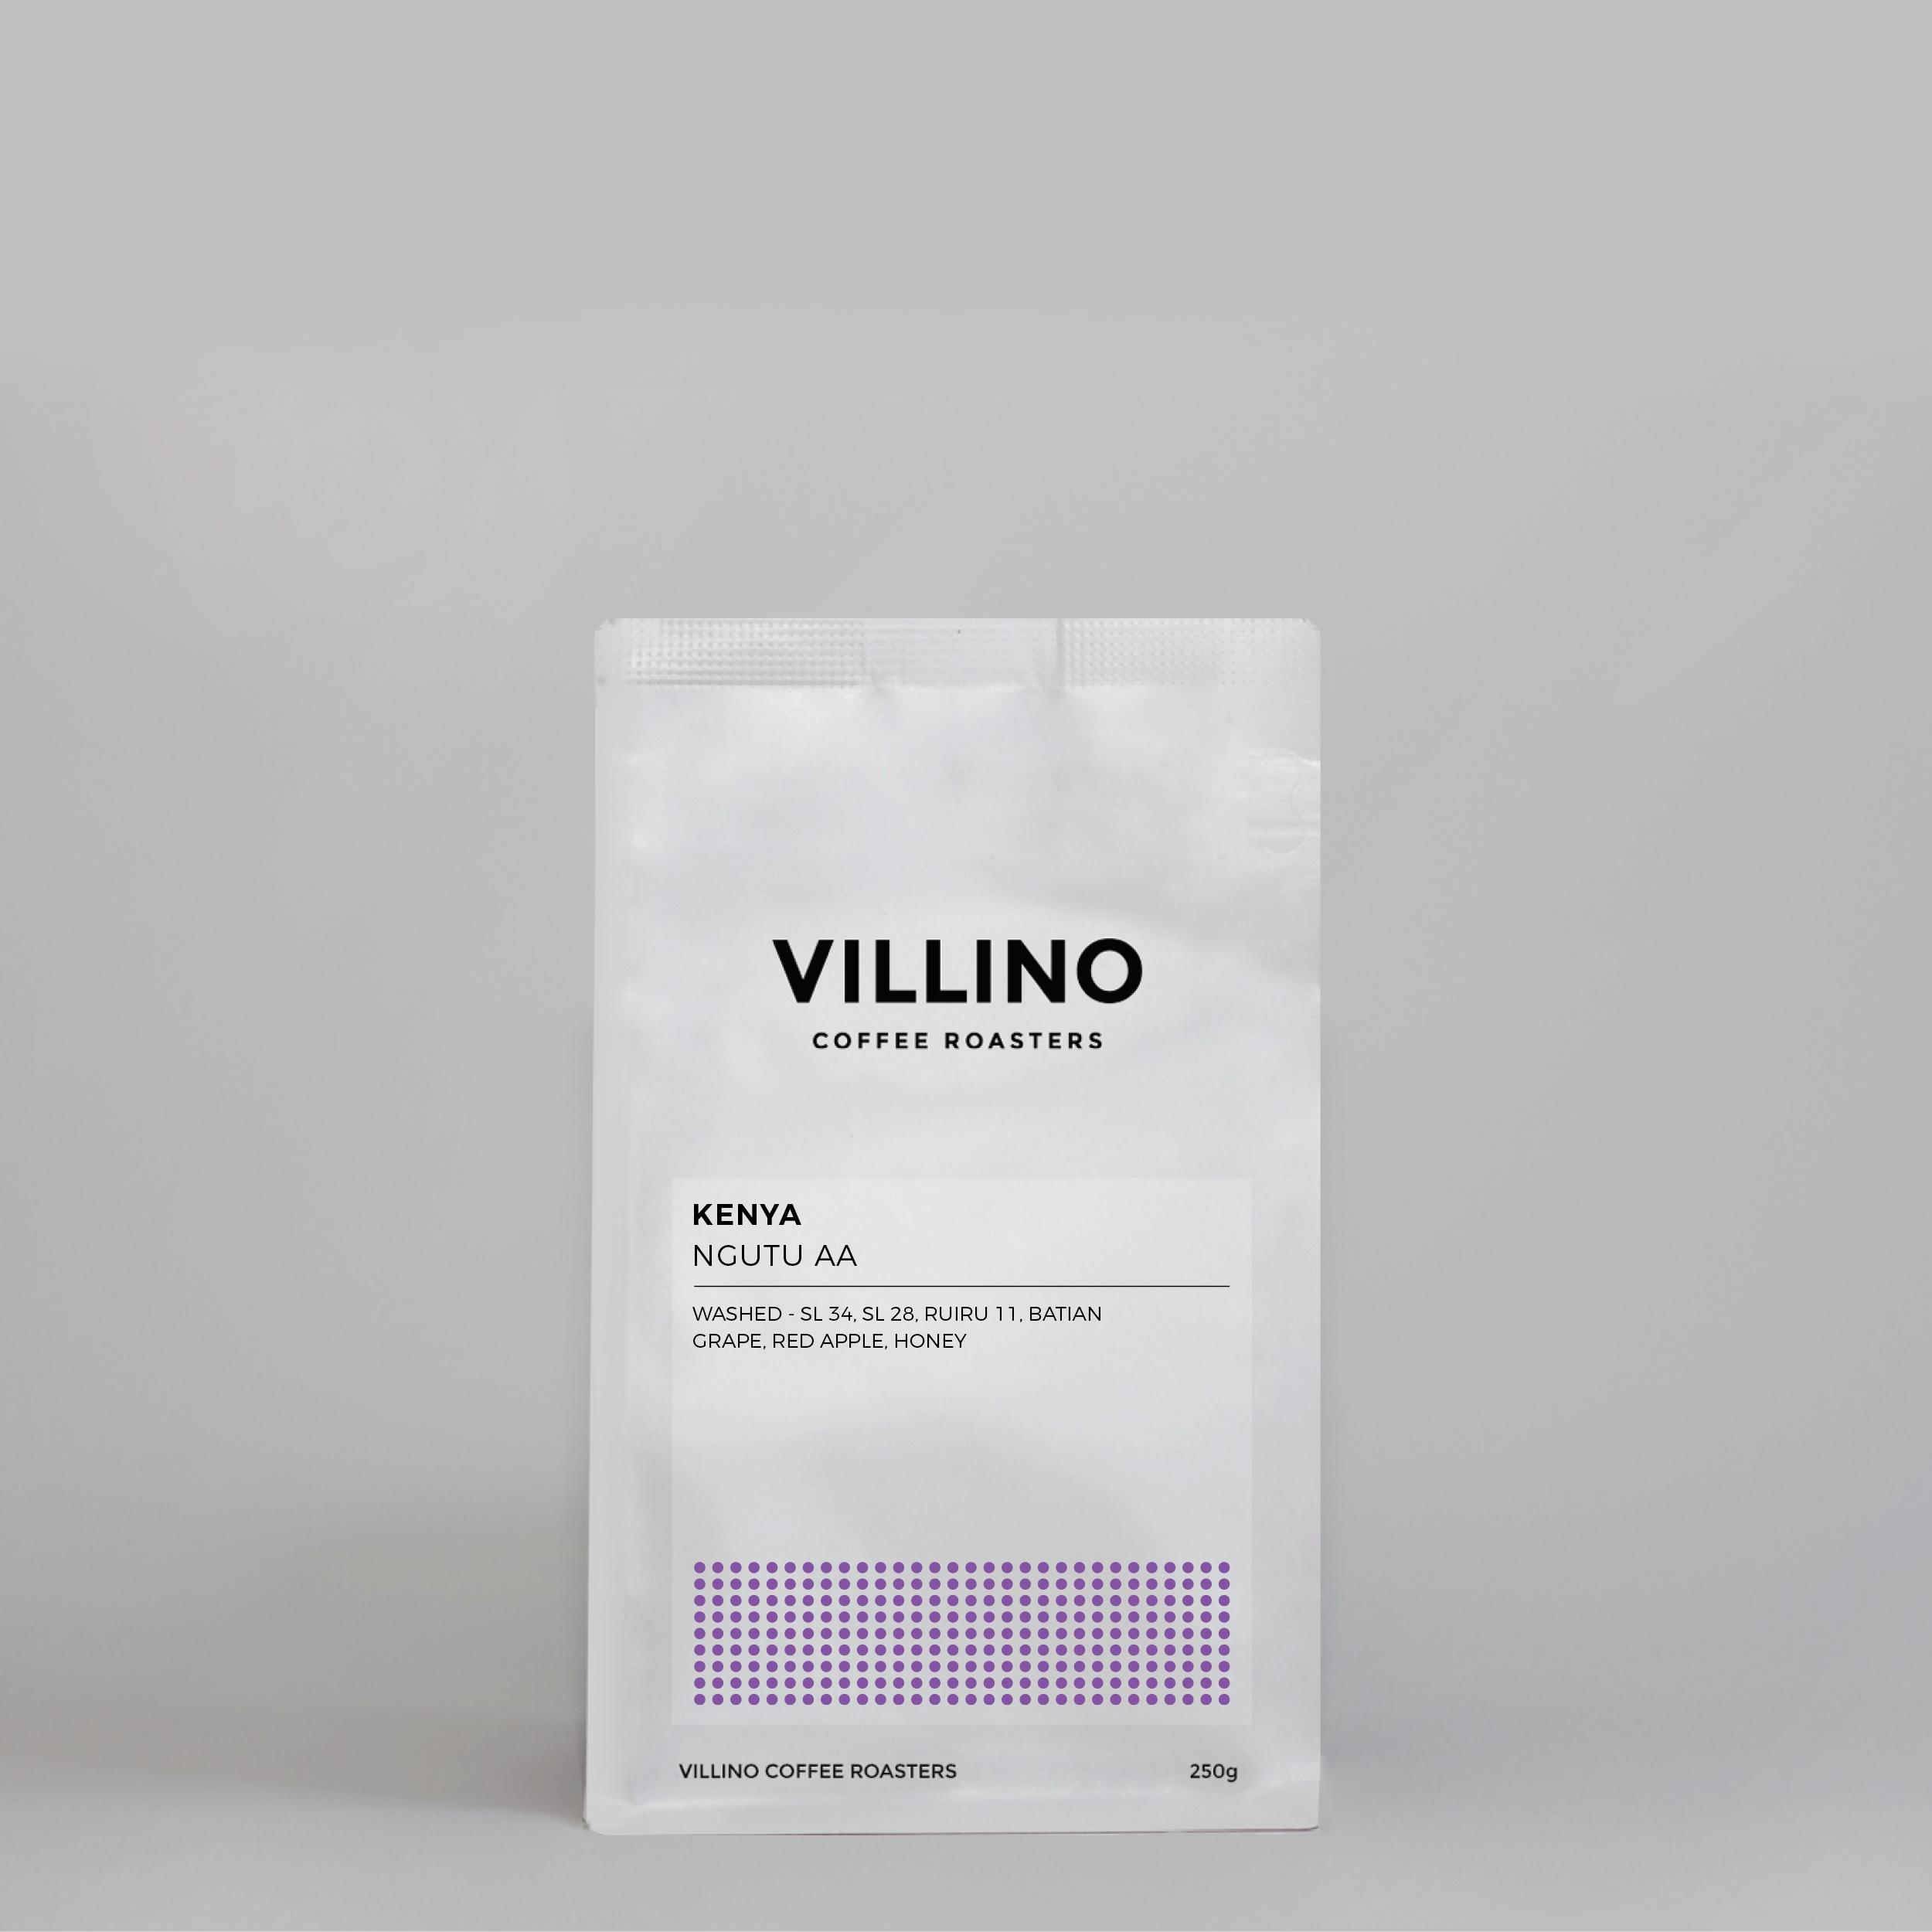 Villino_Retail Bag Nngutu AA_600x600px20.png